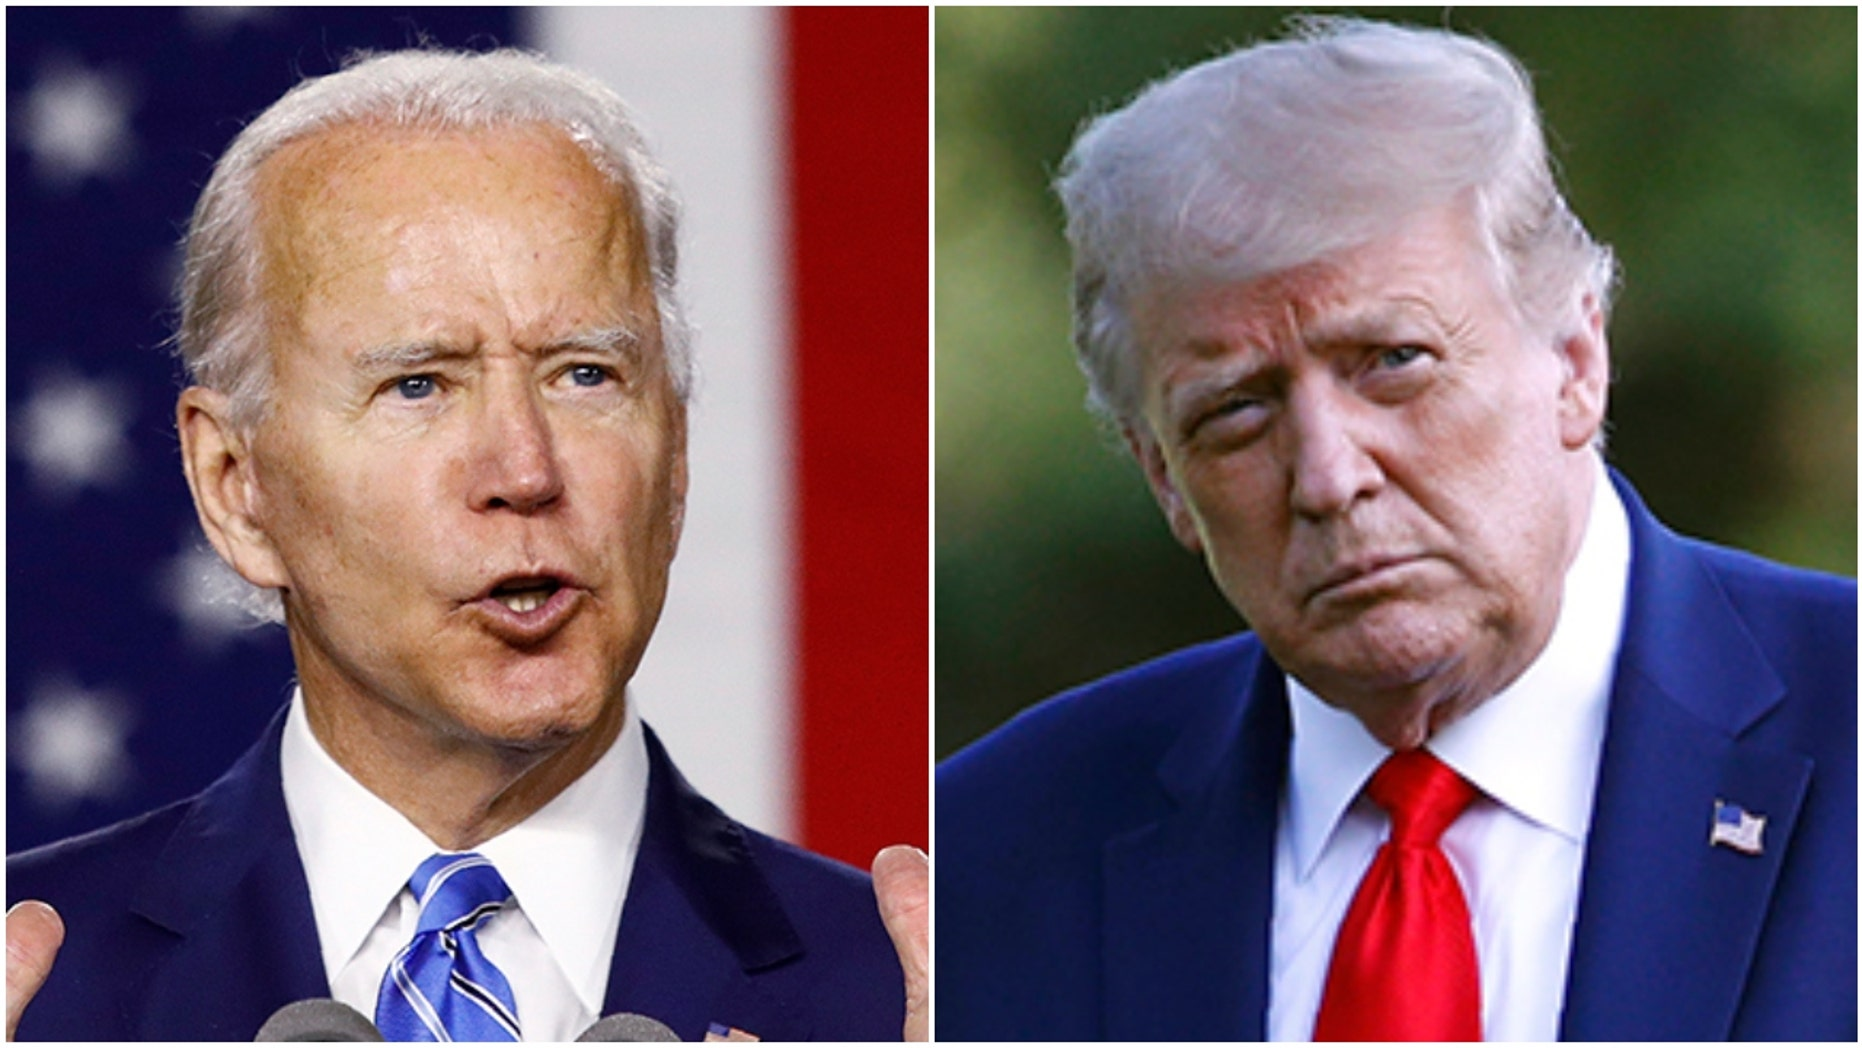 SCOTUS vacancy adds new twist to first Trump-Biden debate